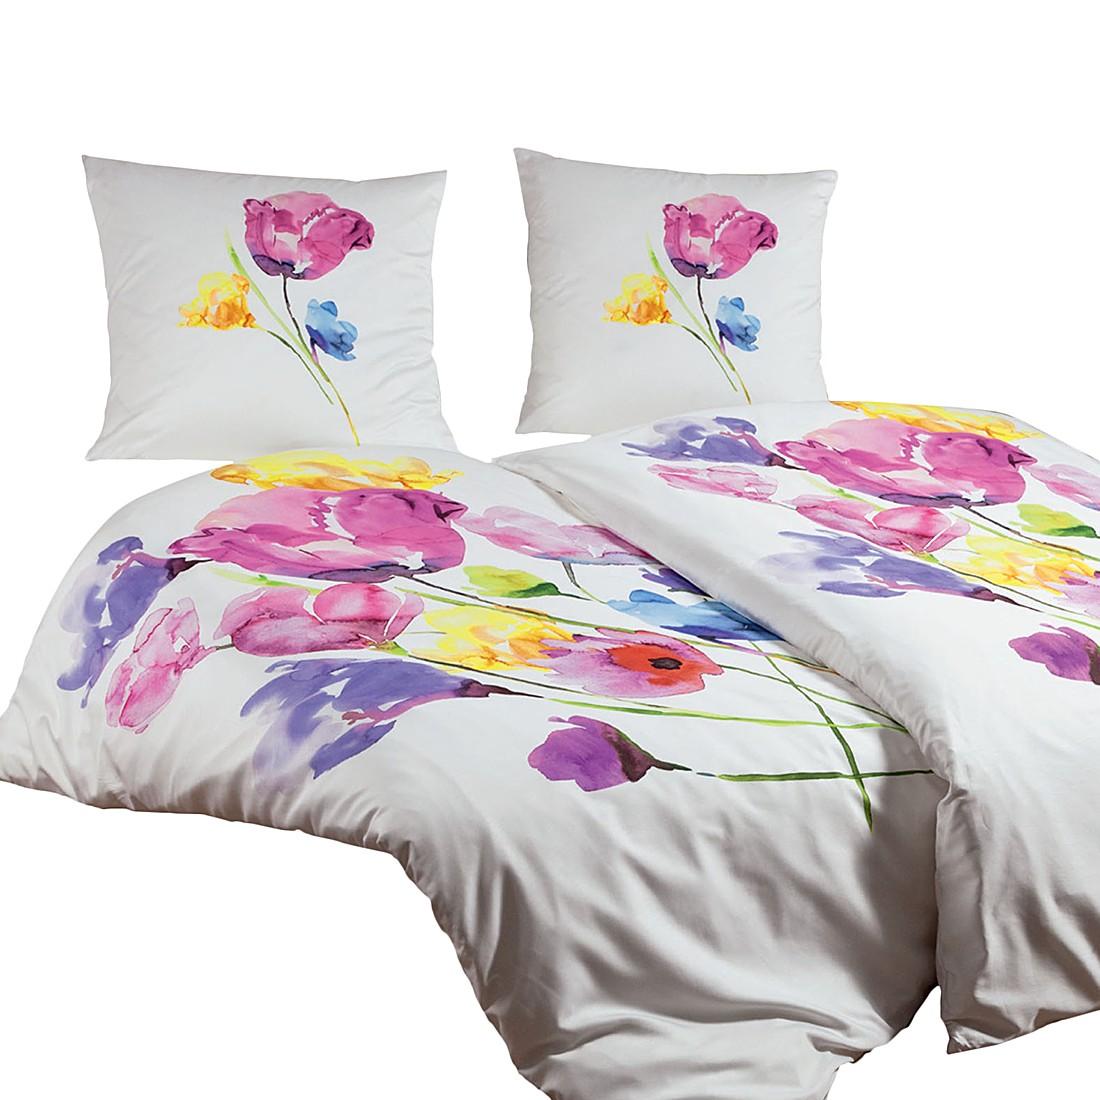 kleine wolke mako satin linge de lit prix et offres kleine wolke. Black Bedroom Furniture Sets. Home Design Ideas